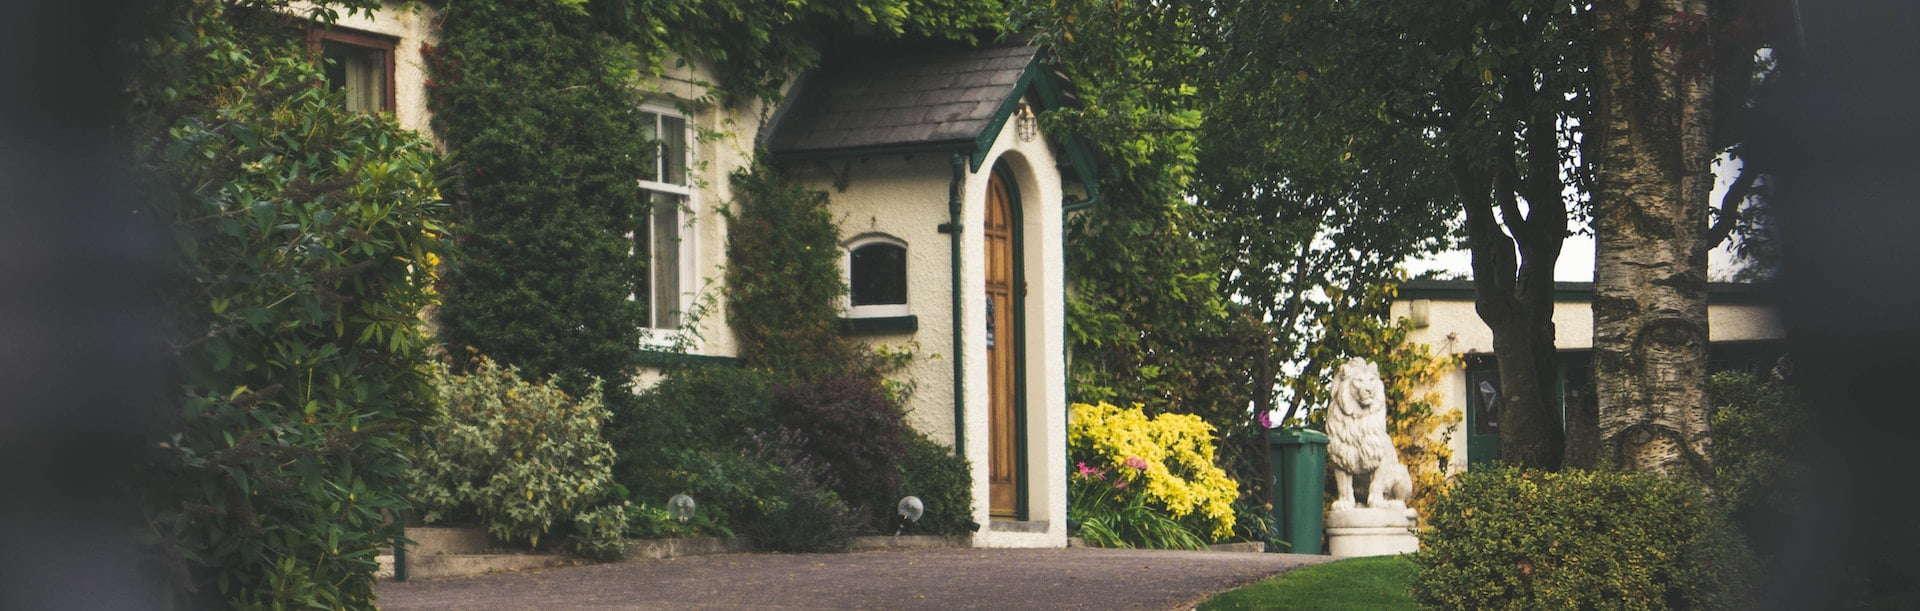 Voordeur van een woning